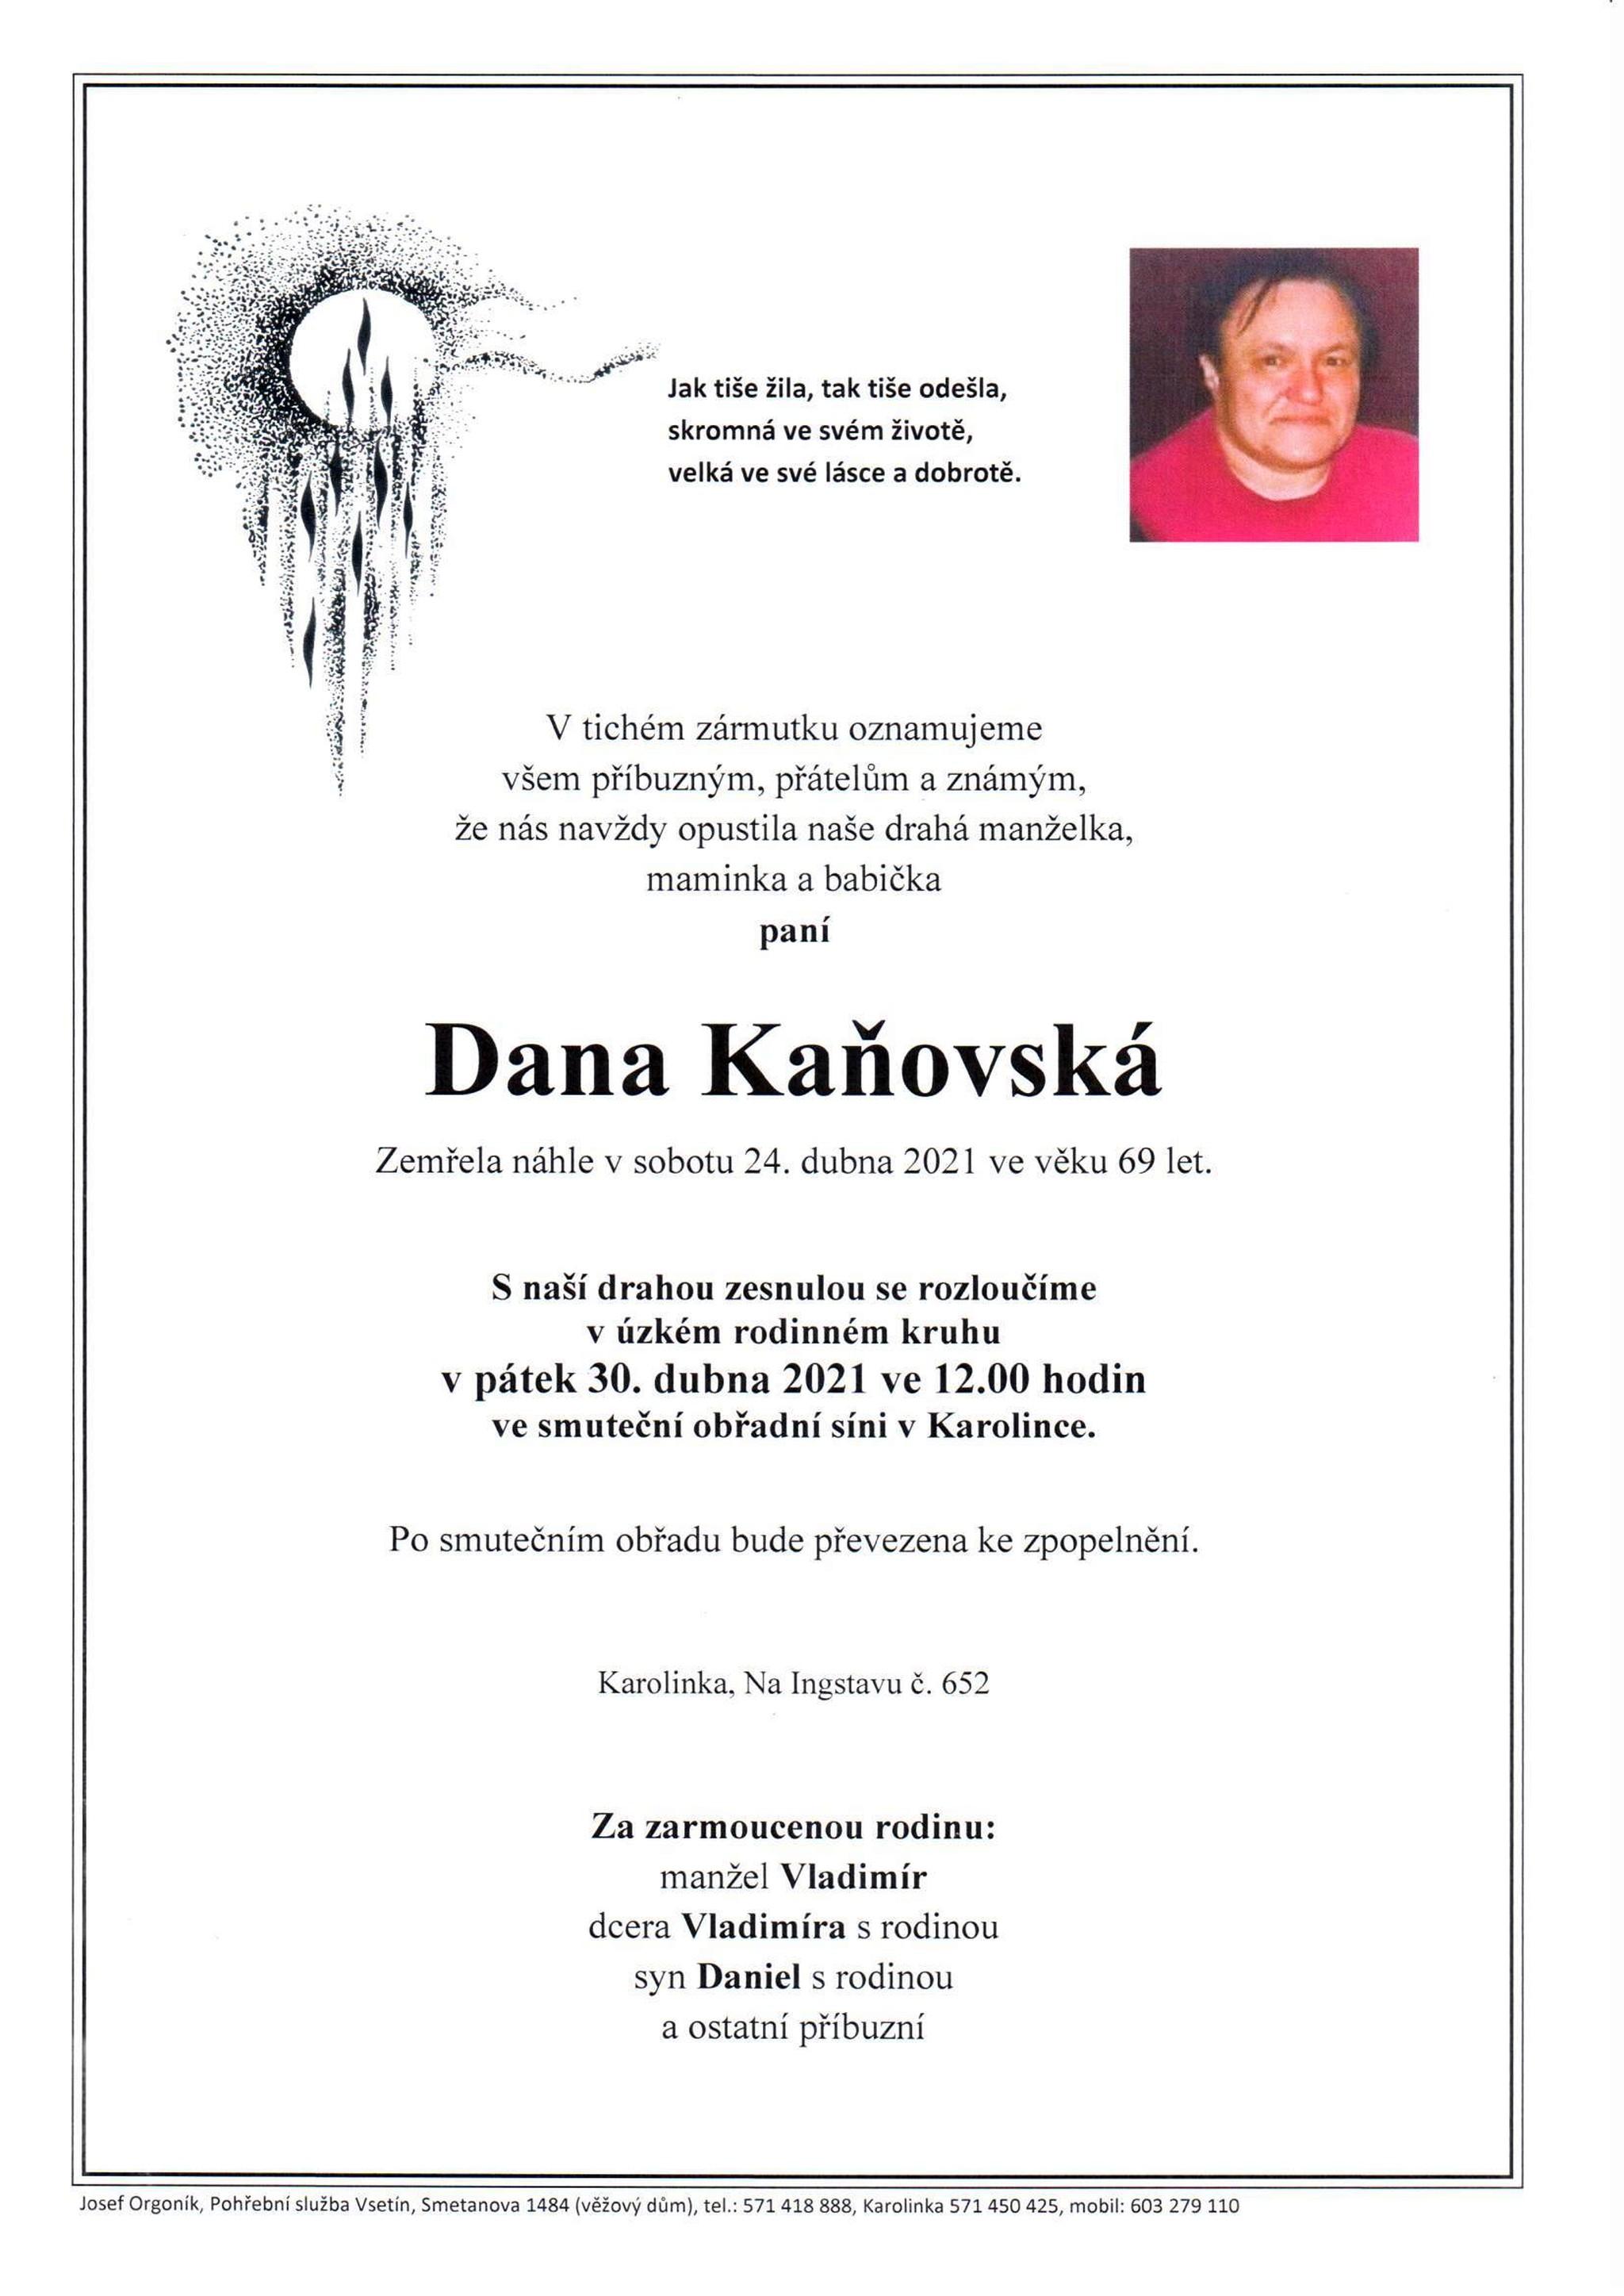 Dana Kaňovská